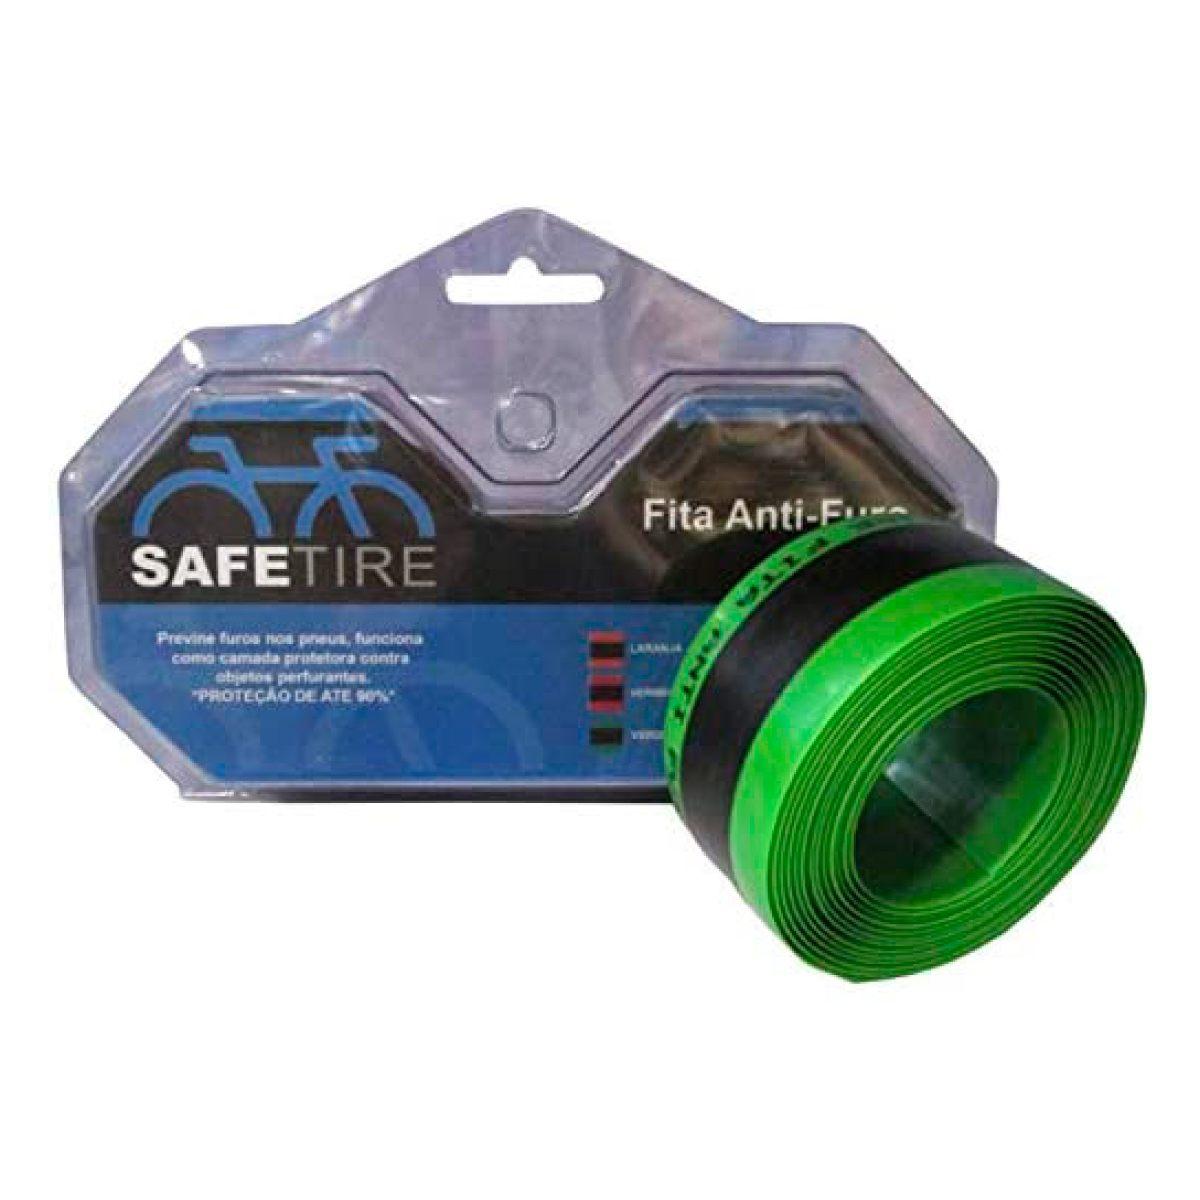 Fita Anti Furo Safetire 35mm MTB Aro 29